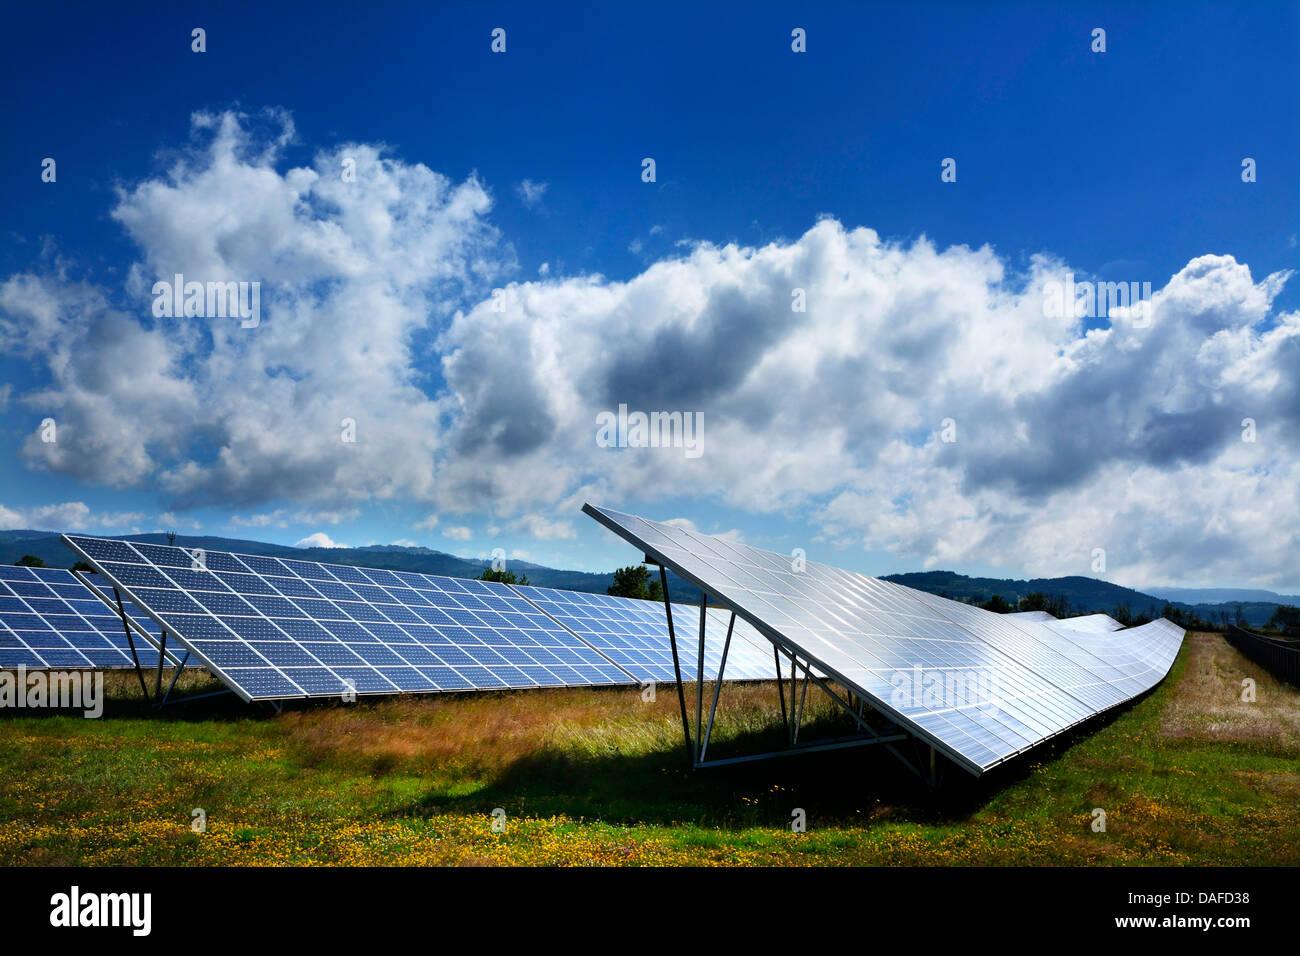 Granja Solar con paneles solares en una matriz de gran tamaño. Auvernia. Francia Imagen De Stock